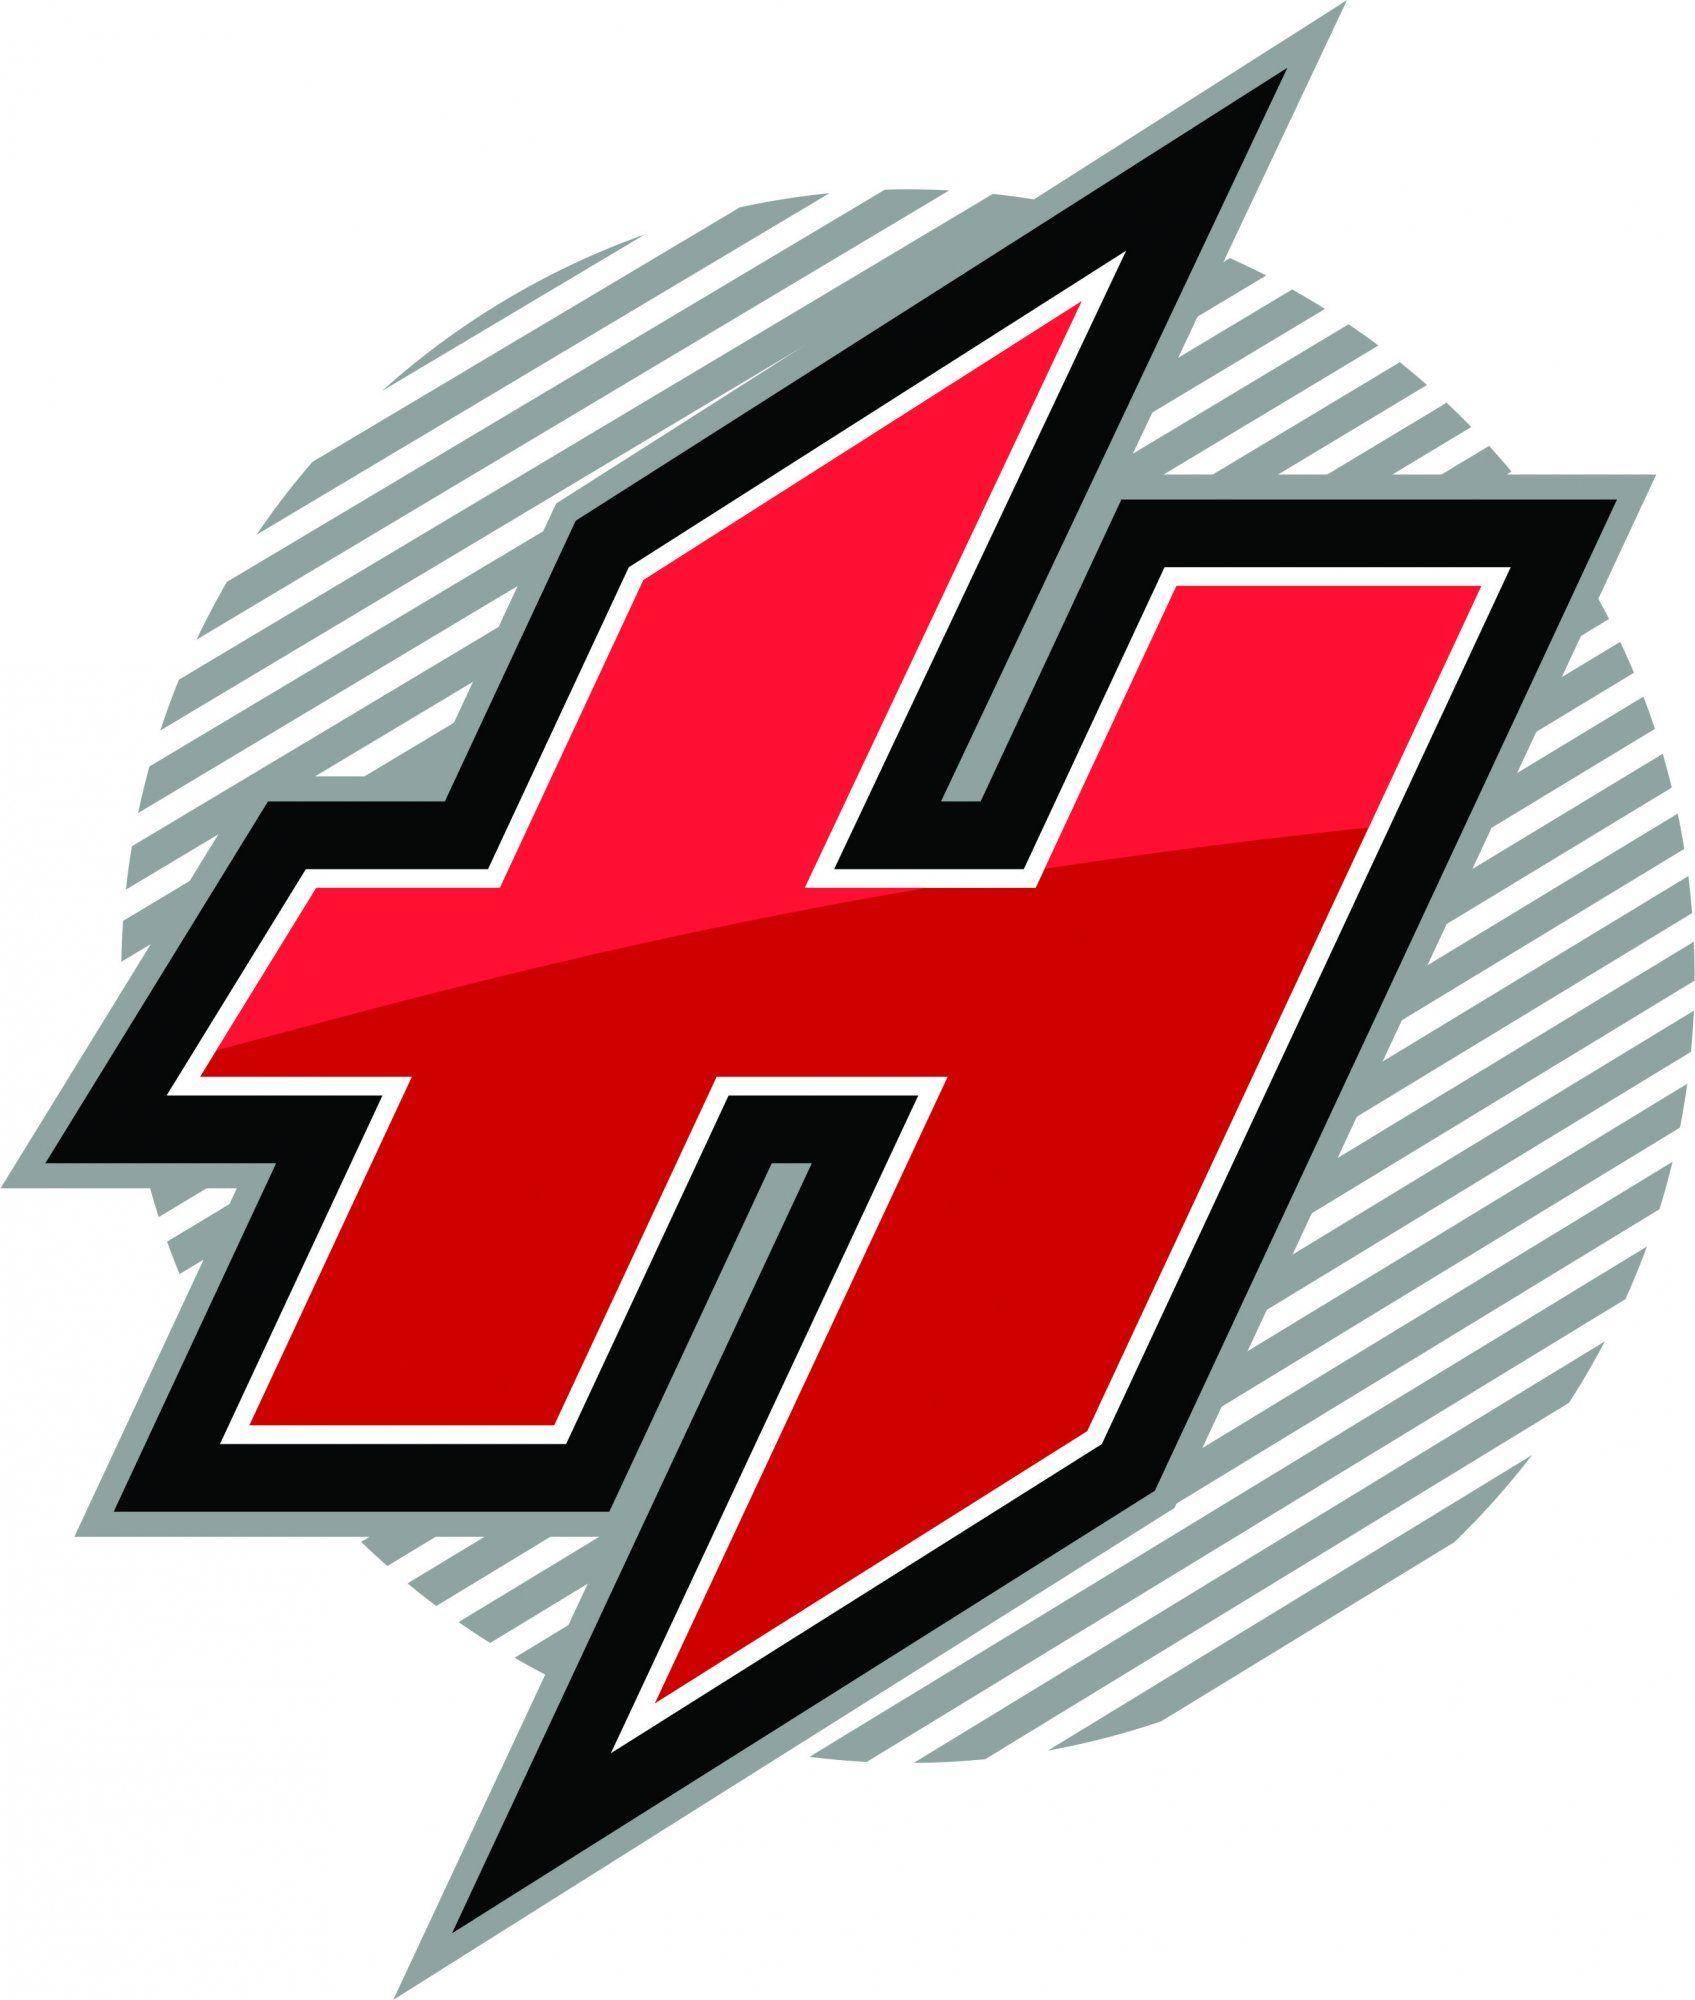 h logo 05 Desain